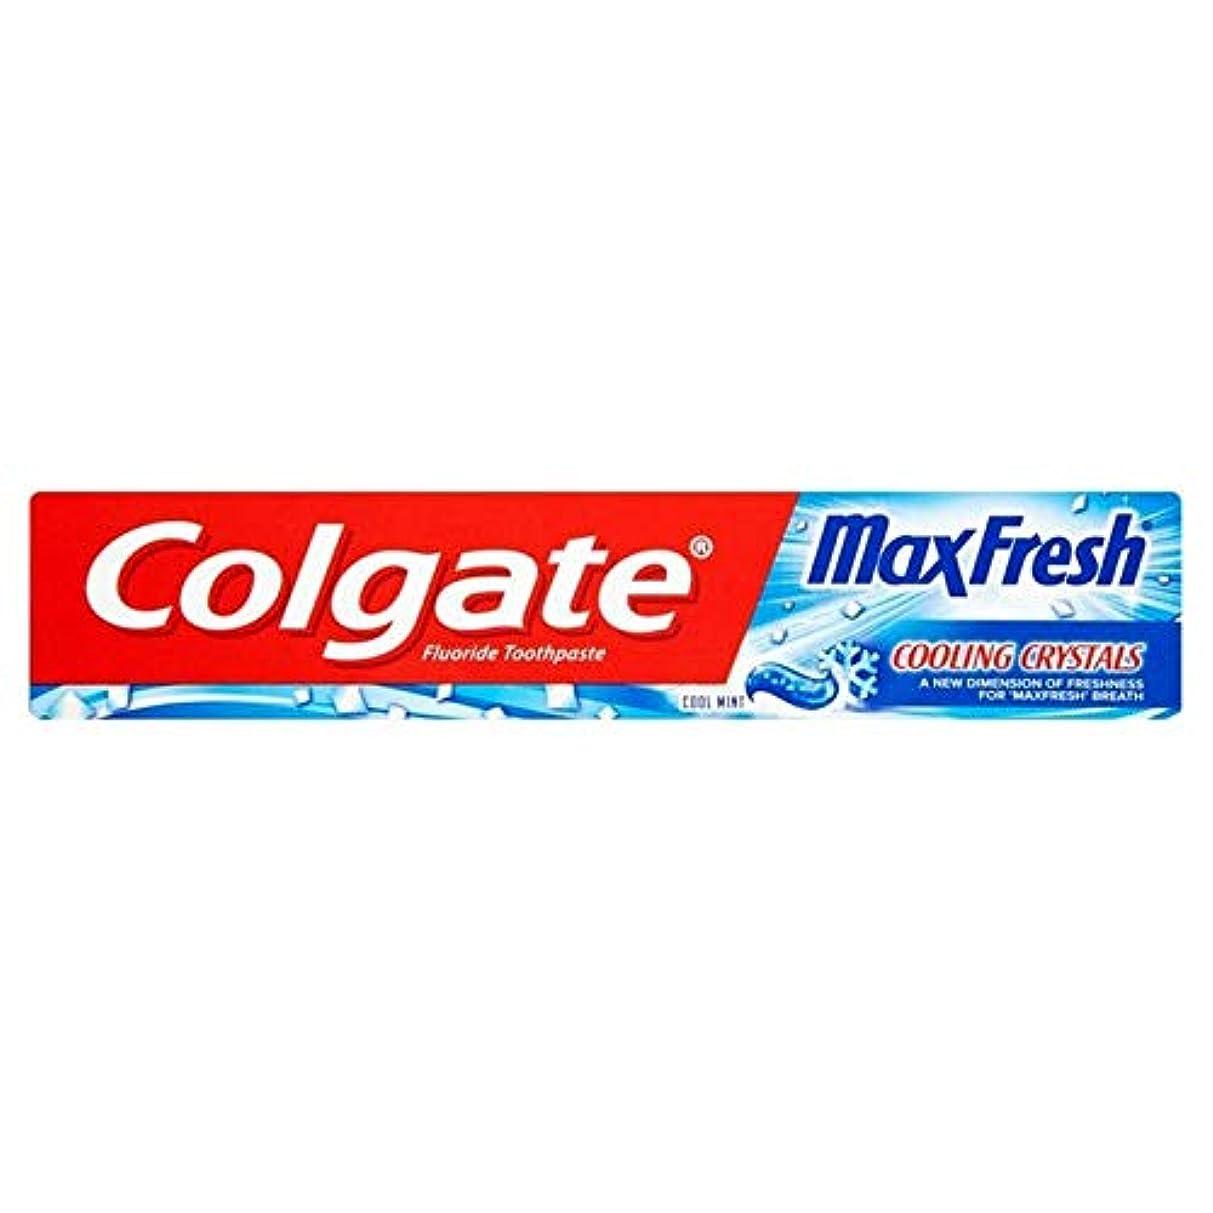 はっきりと放射能表示[Colgate ] 冷却結晶歯磨き粉75ミリリットル新鮮なコルゲートマックス - Colgate Max Fresh with Cooling Crystals Toothpaste 75ml [並行輸入品]